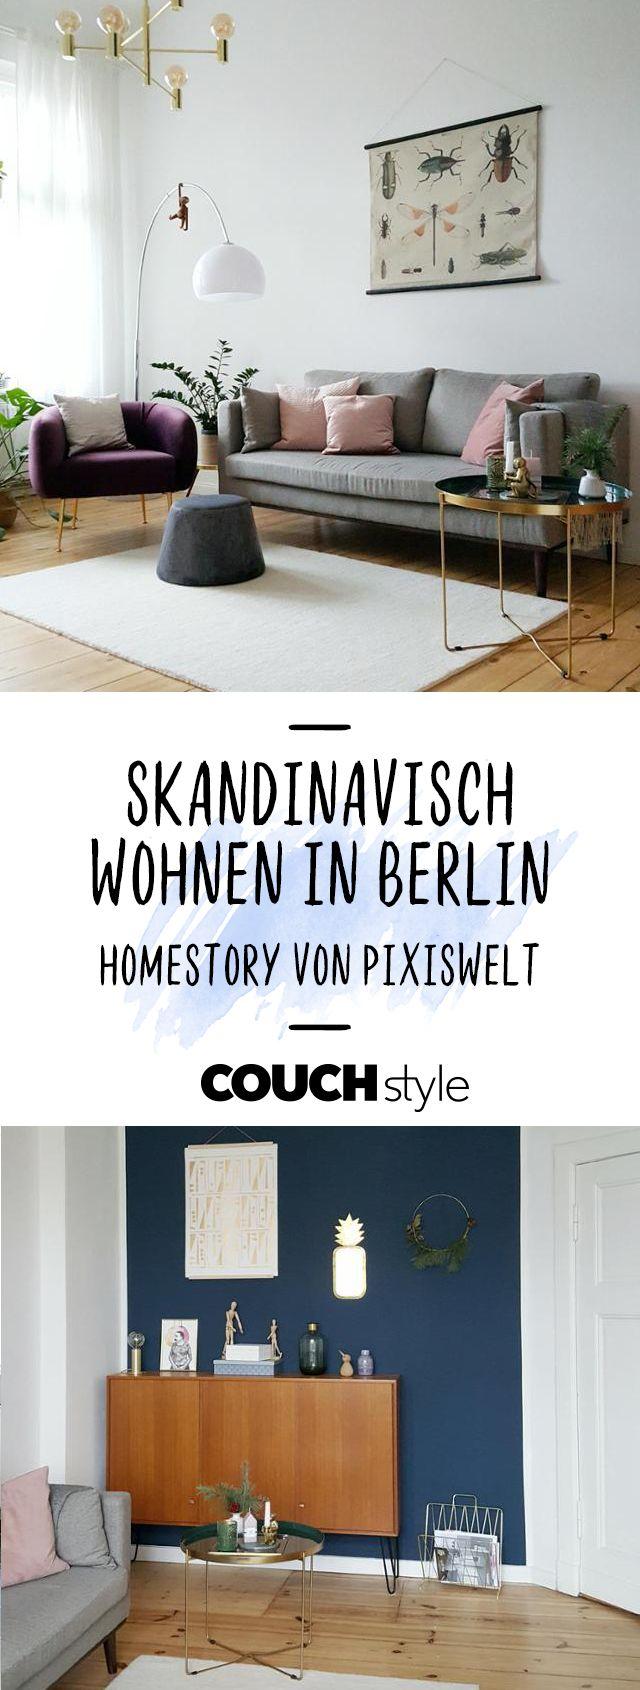 596 best Einrichtungs- & Wohnideen images on Pinterest | Bedroom ...